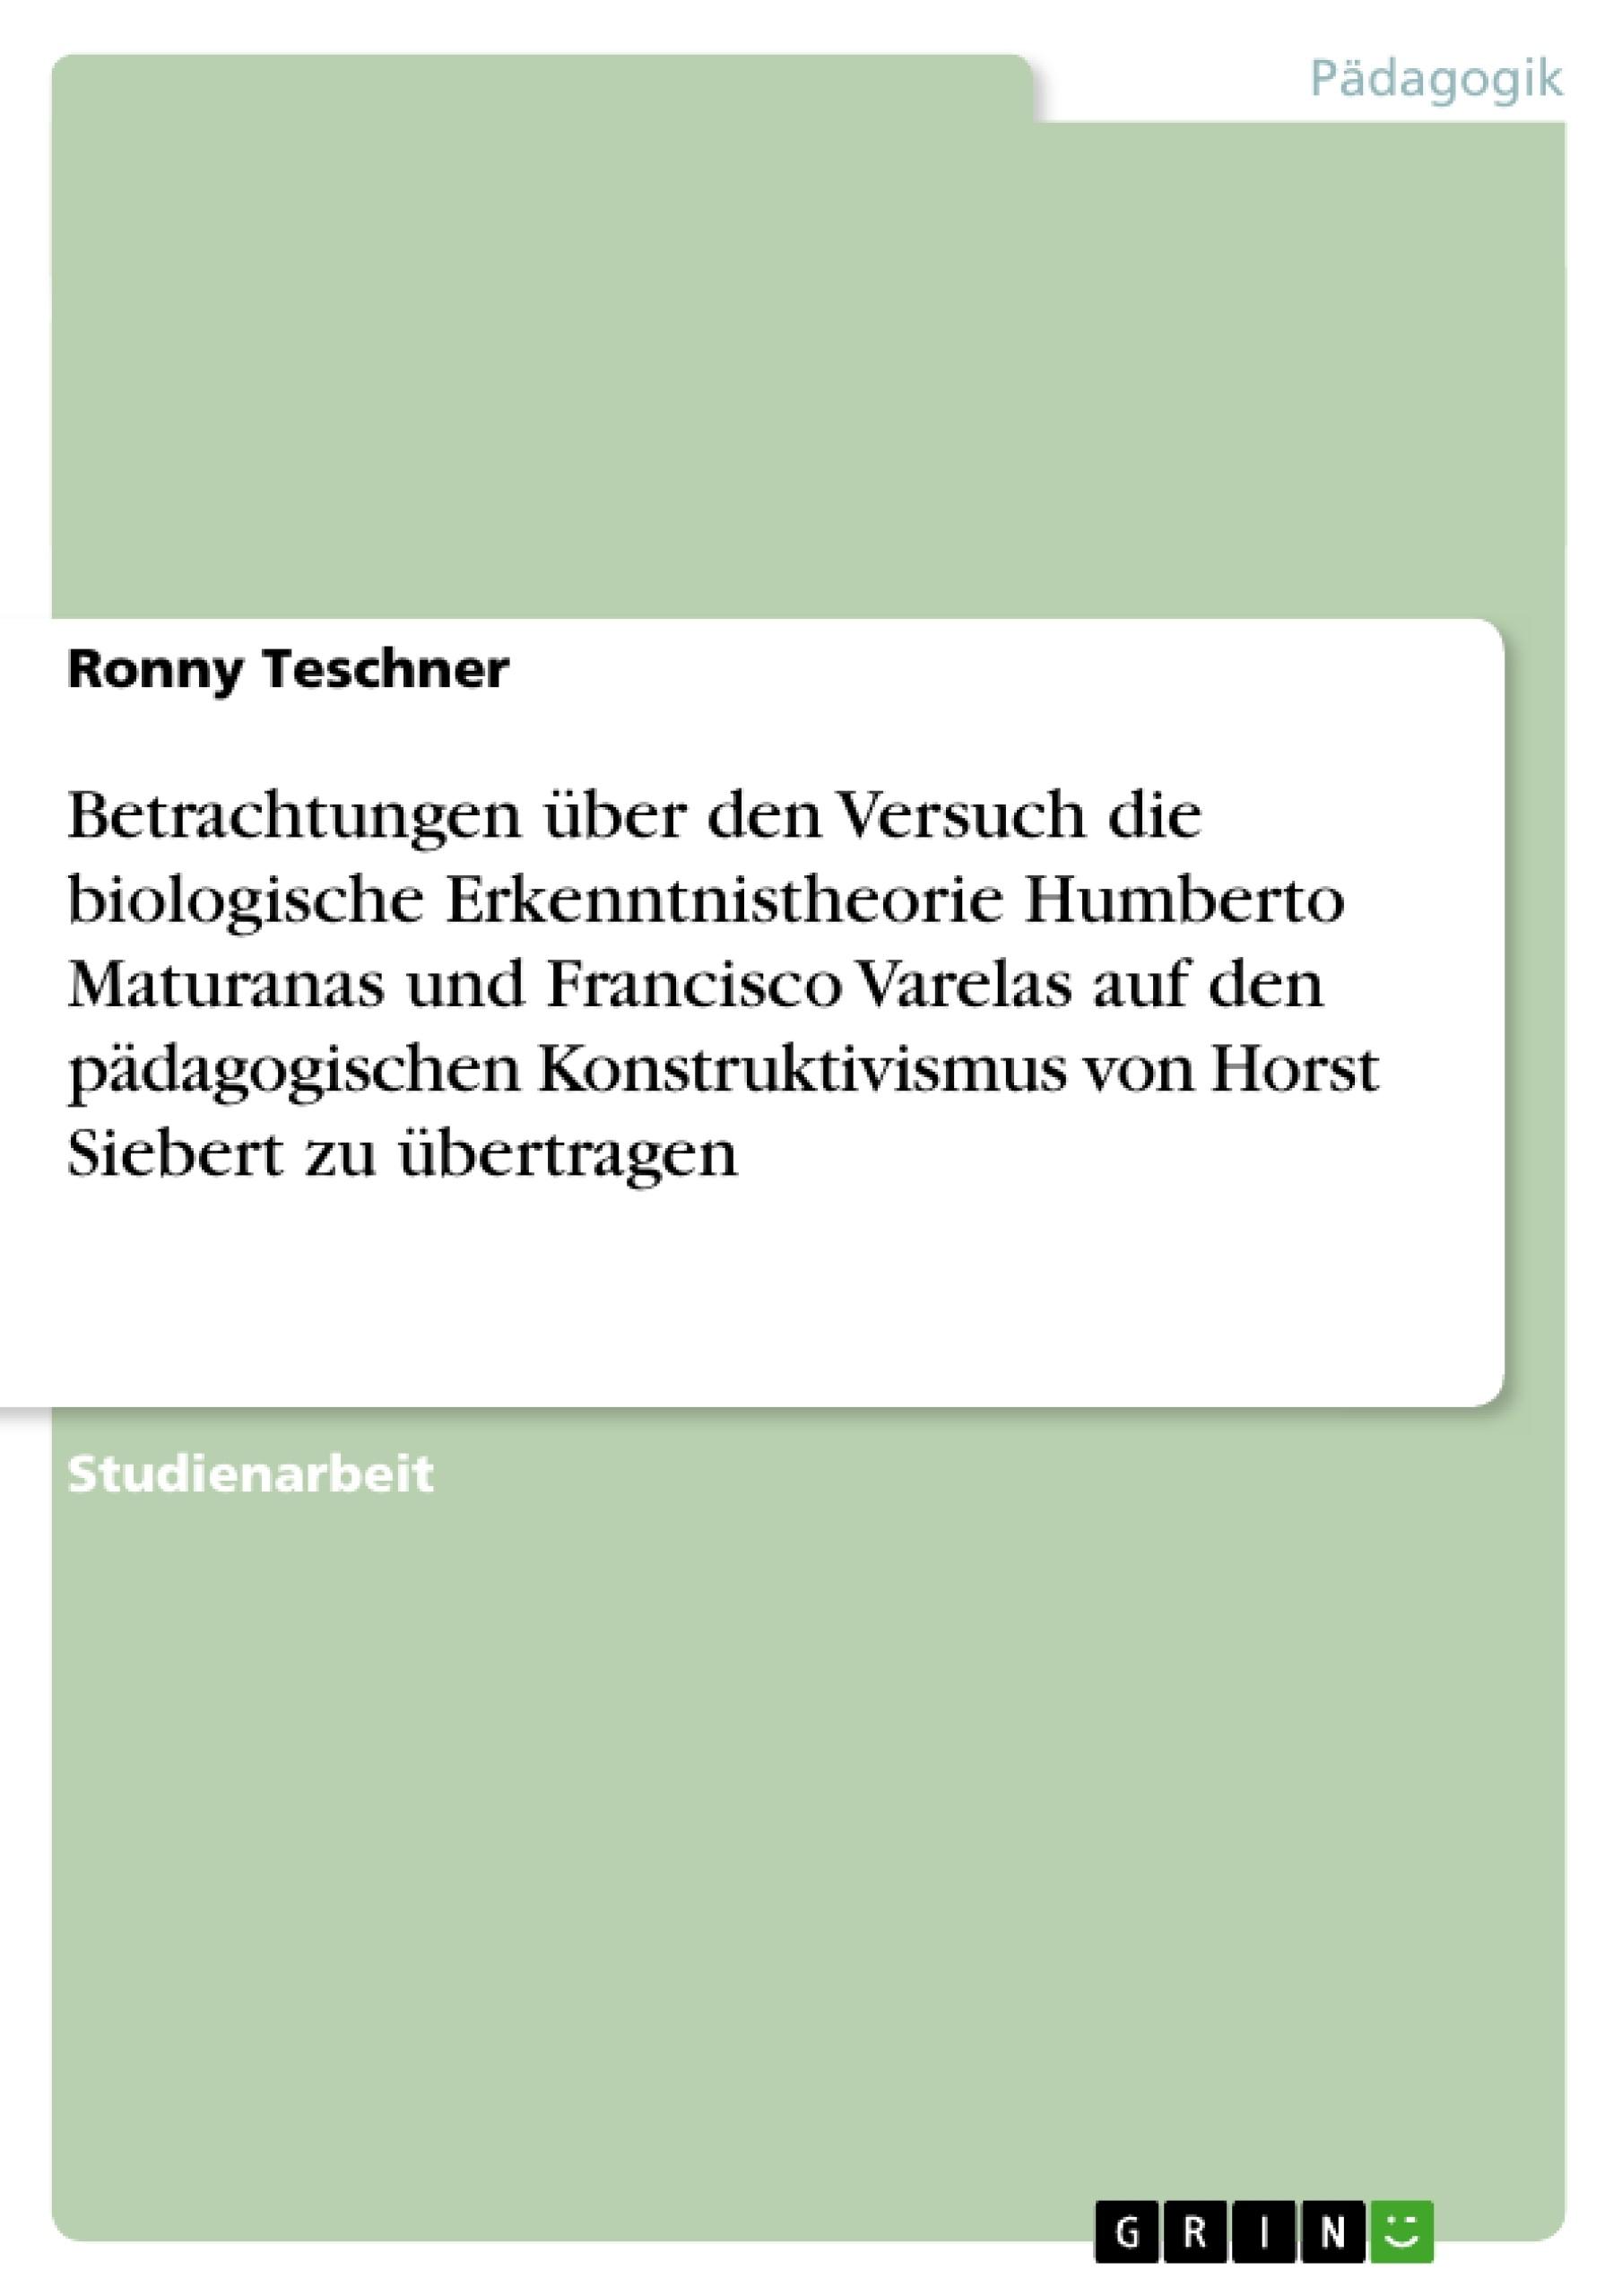 Titel: Betrachtungen über den Versuch die biologische Erkenntnistheorie Humberto Maturanas und Francisco Varelas auf den pädagogischen Konstruktivismus von Horst Siebert zu übertragen